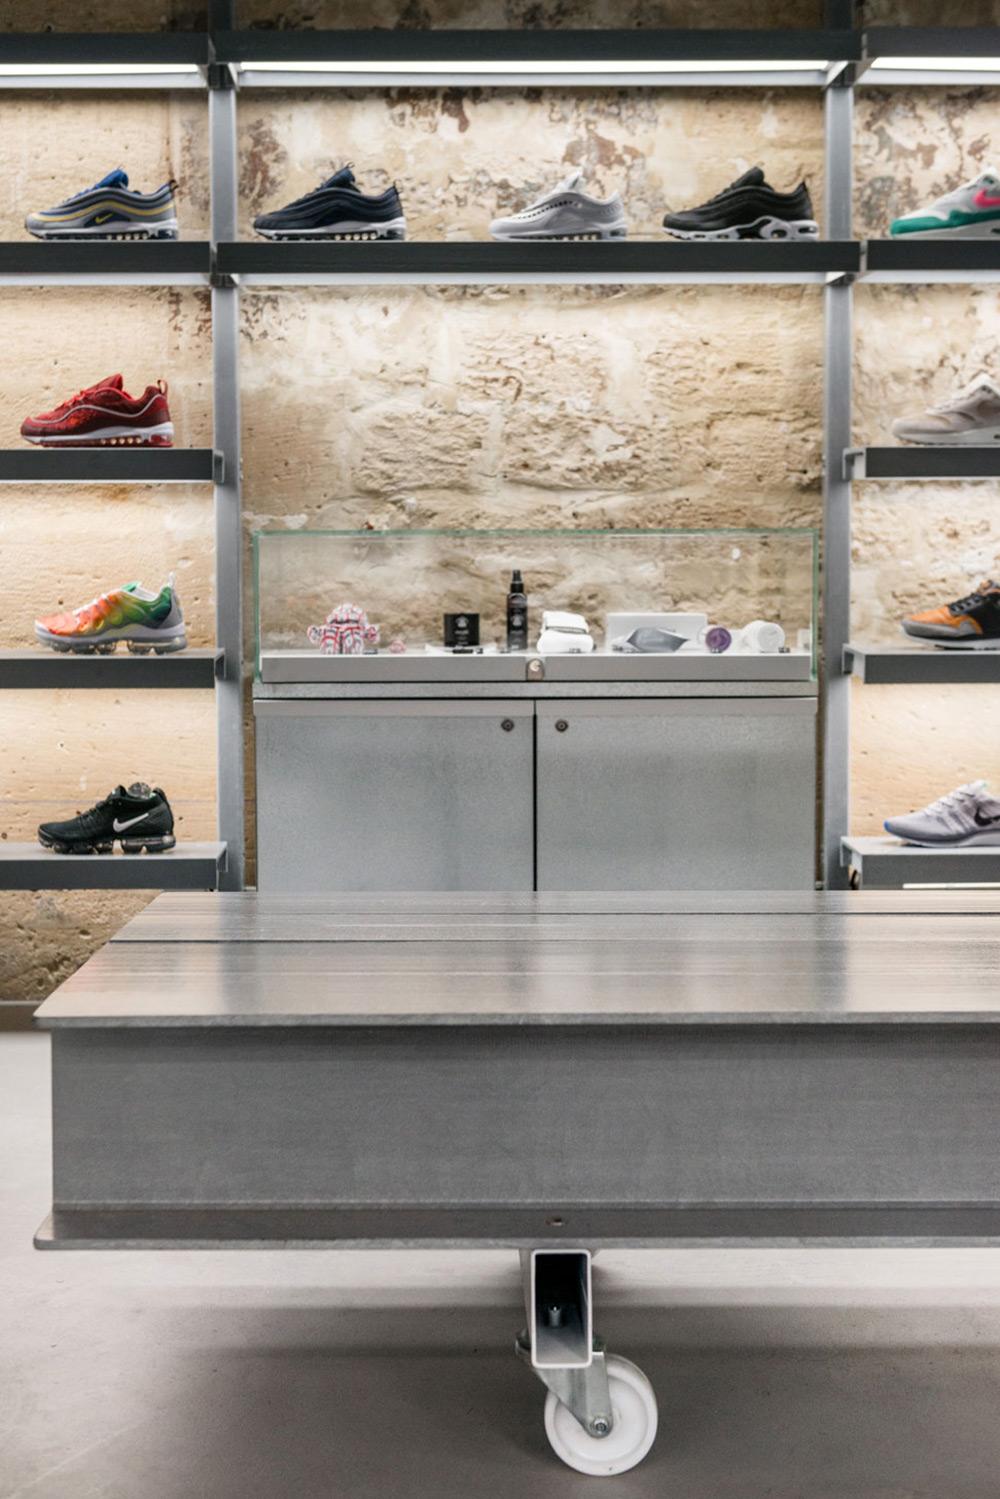 Footpatrol-Paris-Store-Images-Blog-14.jpg